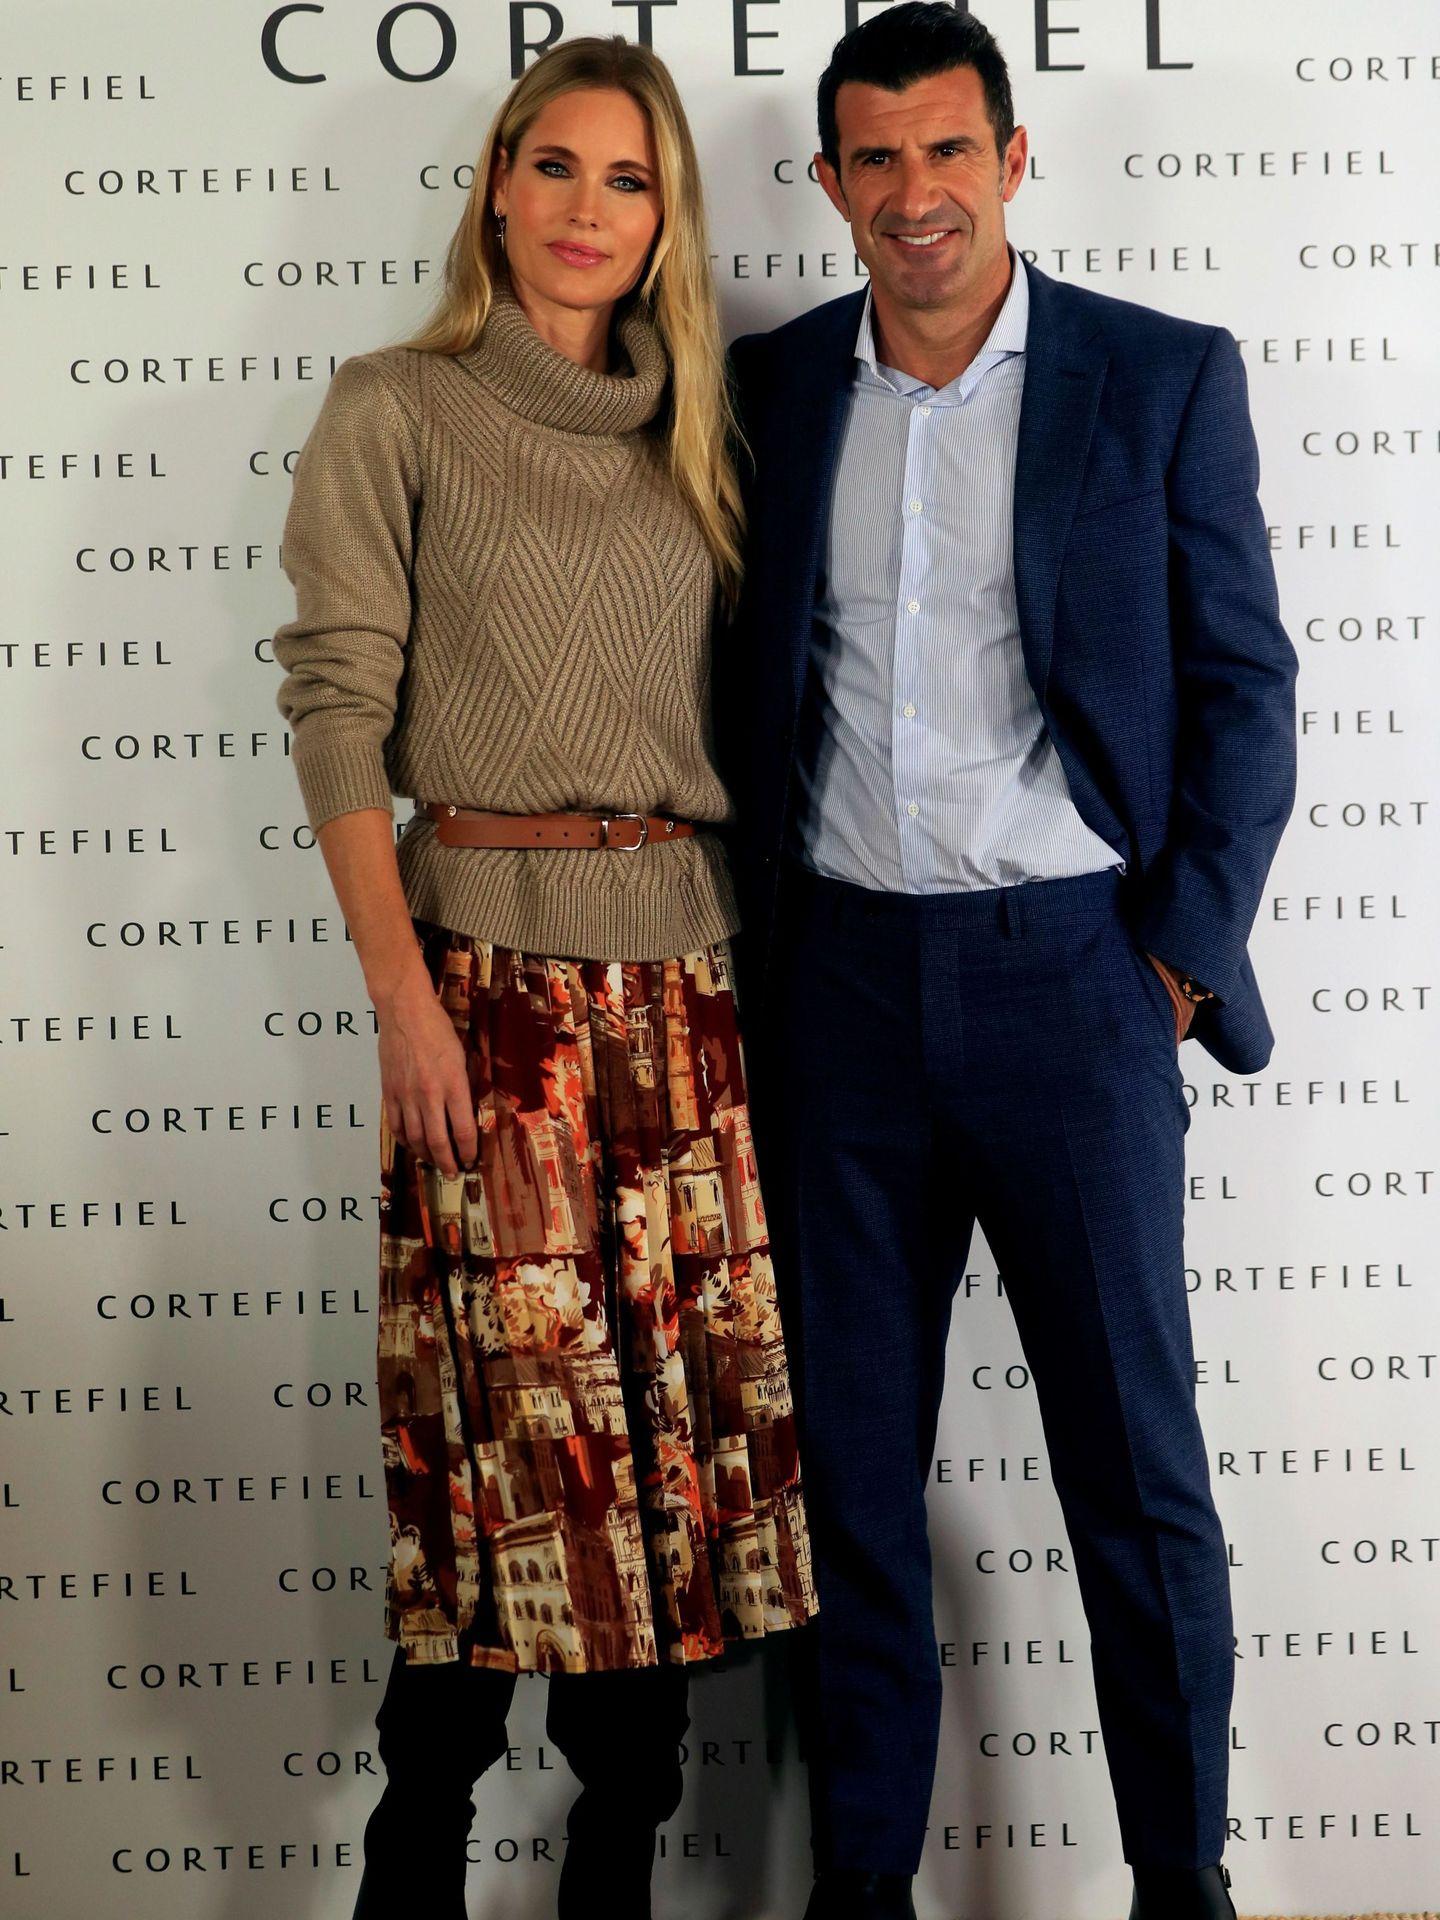 El exfutbolista Luis Figo y su mujer, Helen Svedin, en Madrid. (EFE)